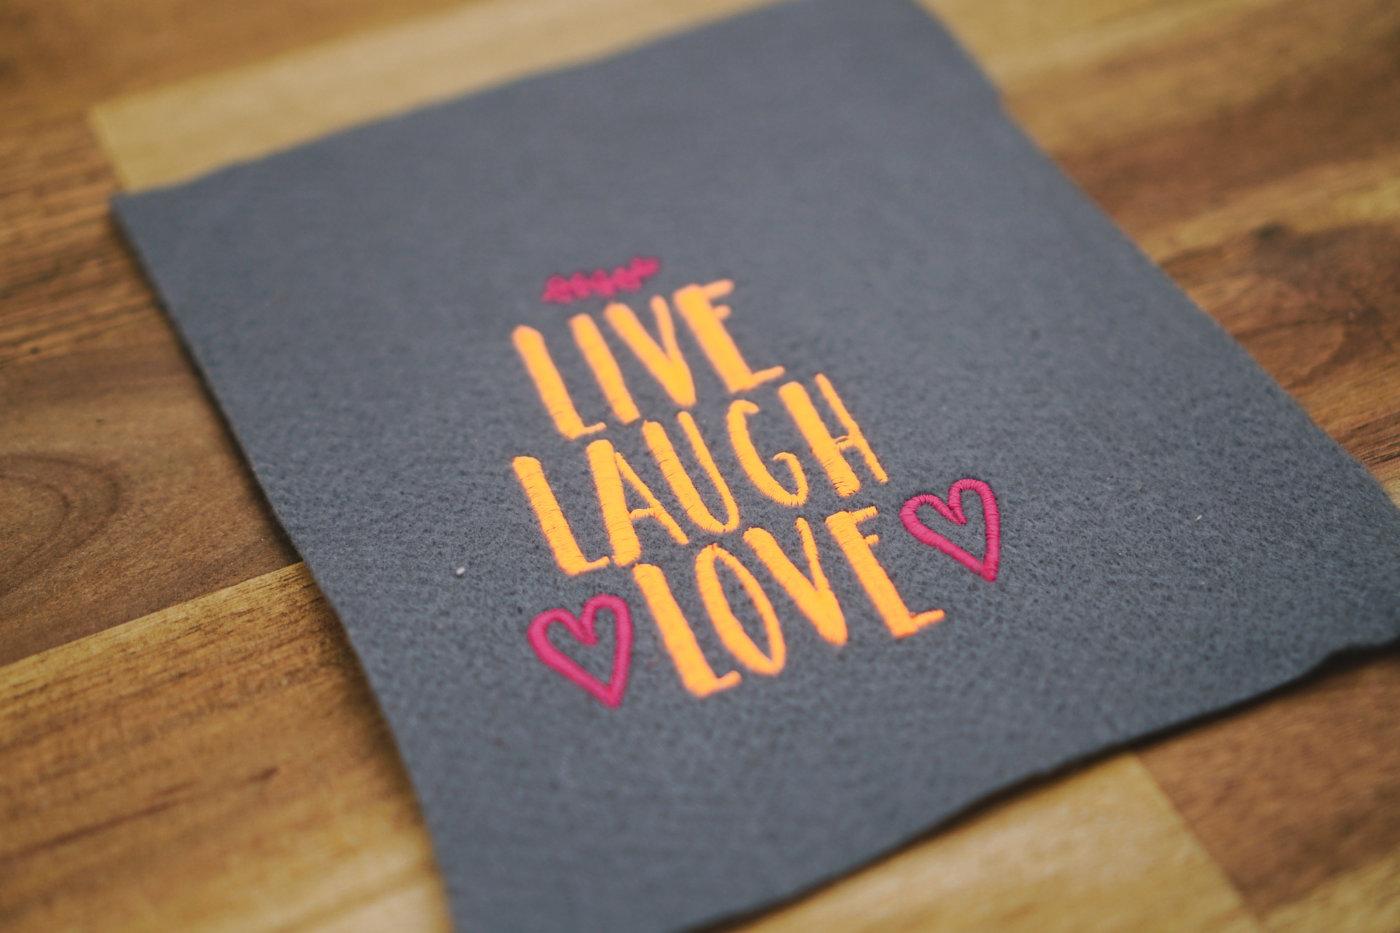 Stickdatei auf Stoff und Liebe embroidery design live laugh love ❤️ »LIVE LAUGH LOVE« stickdatei live laugh love 02 1400x933